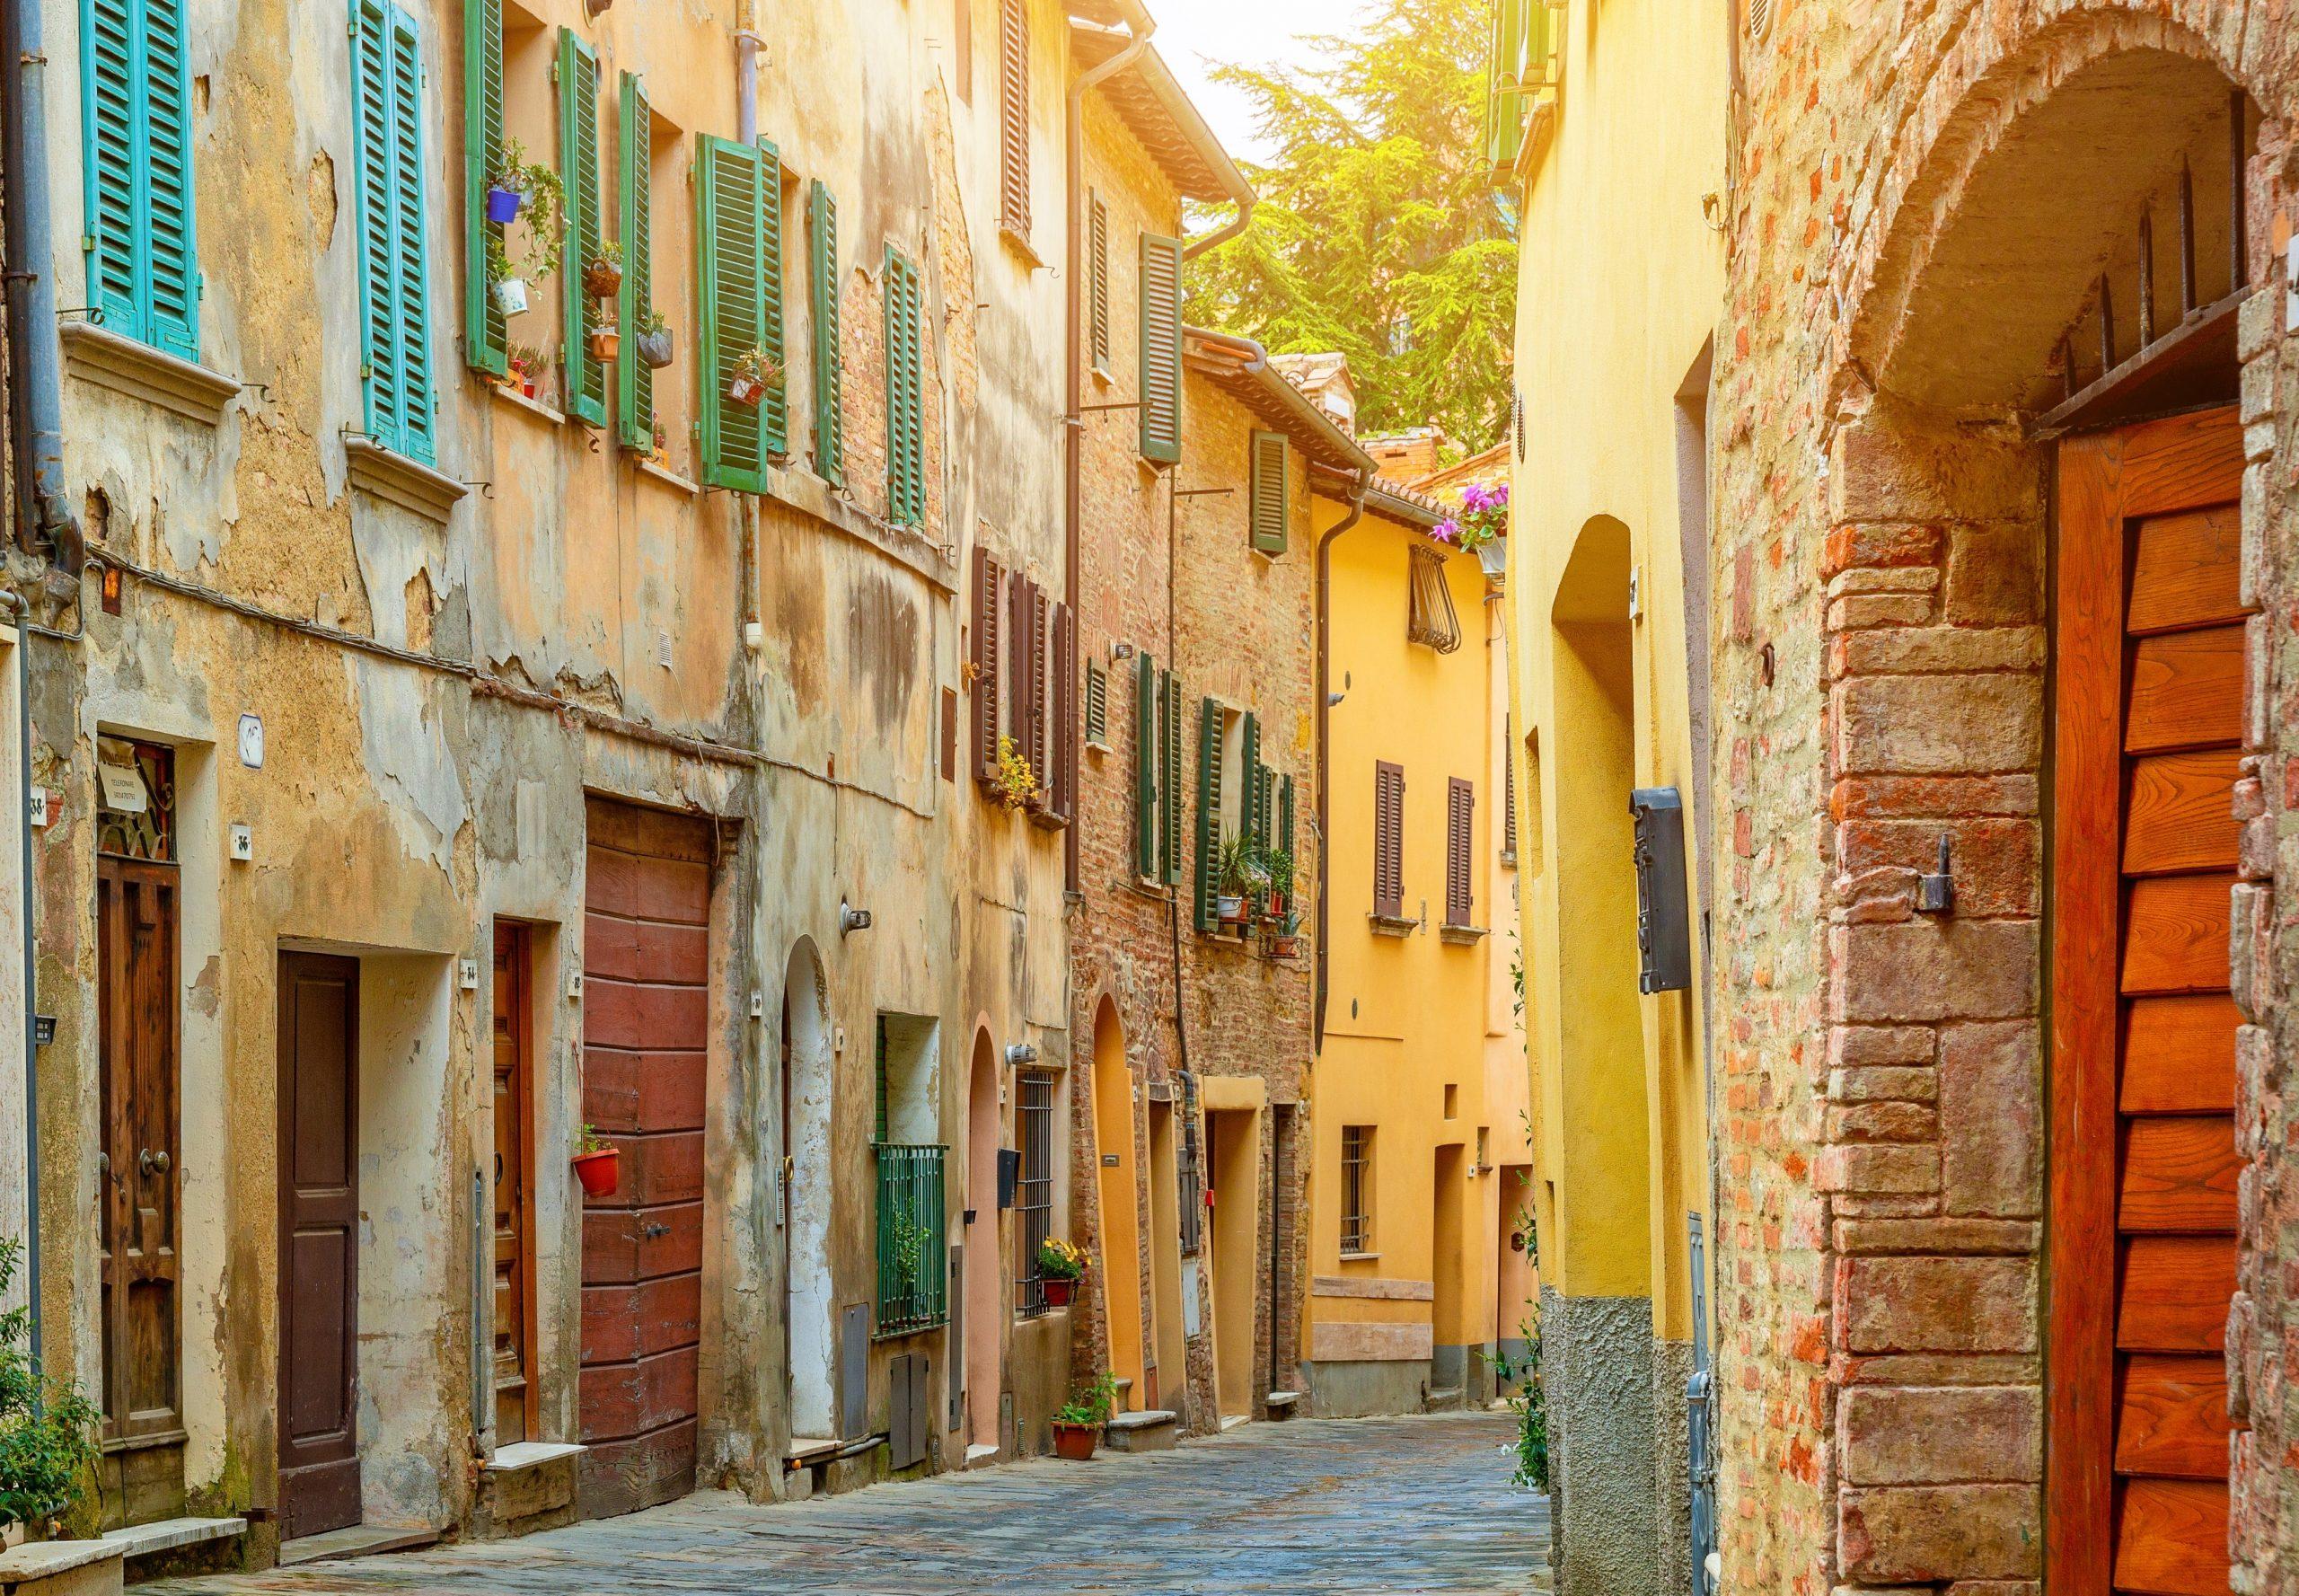 vieille ville dans la région Toscane